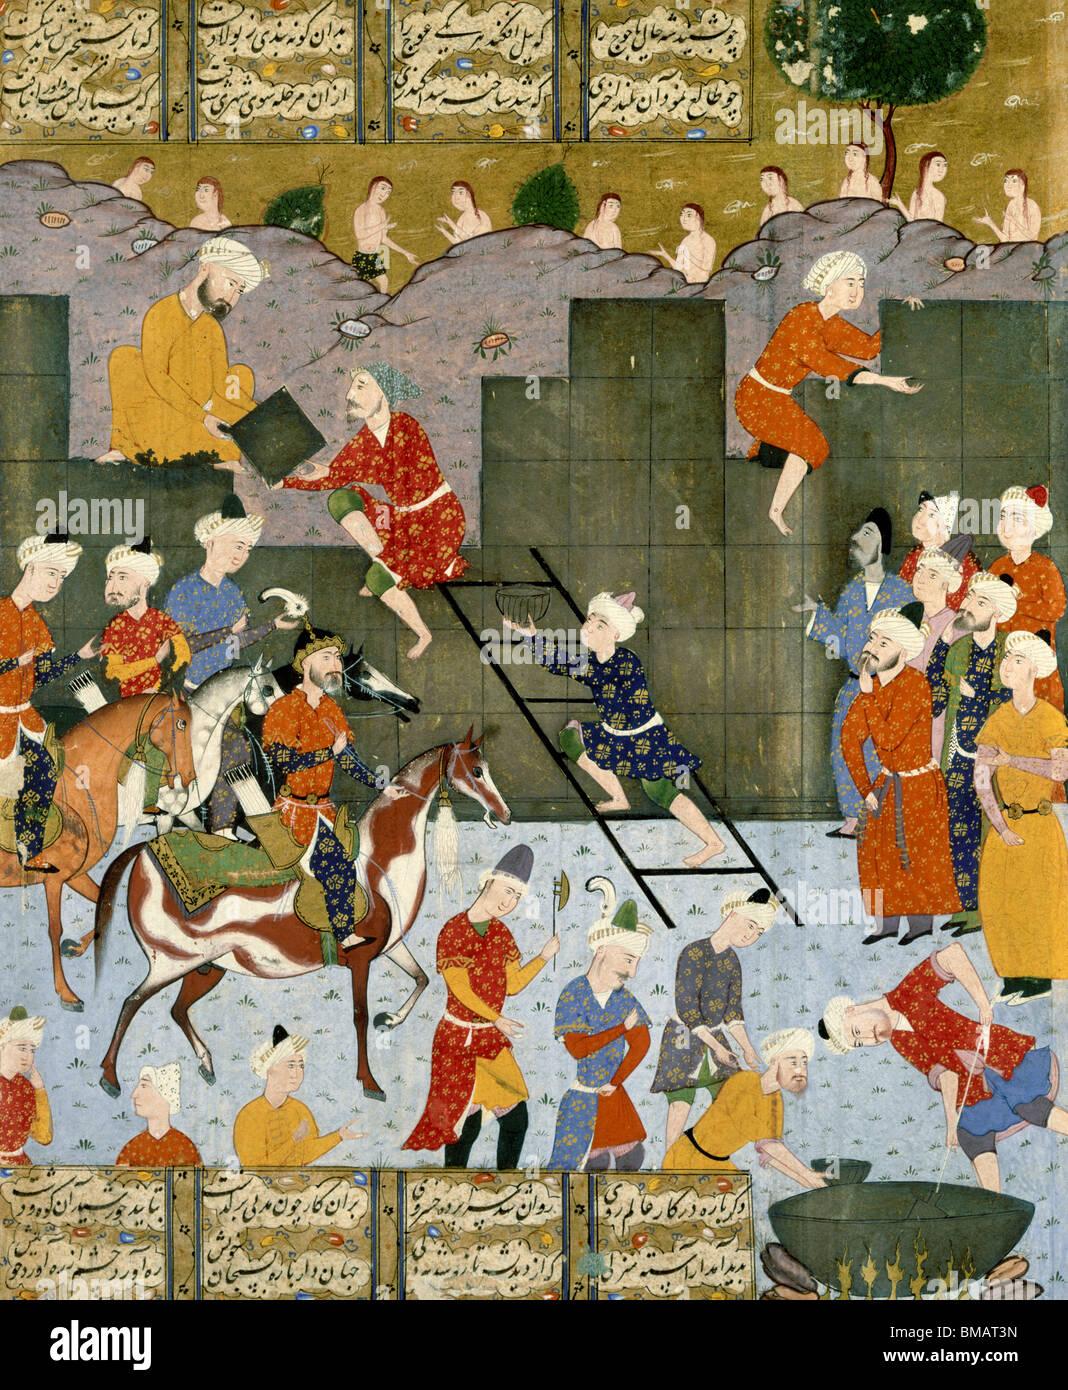 Alexander Bau seine Wall gegen Gog und Magog. Shiraz, Iran, 16. Jahrhundert Stockbild